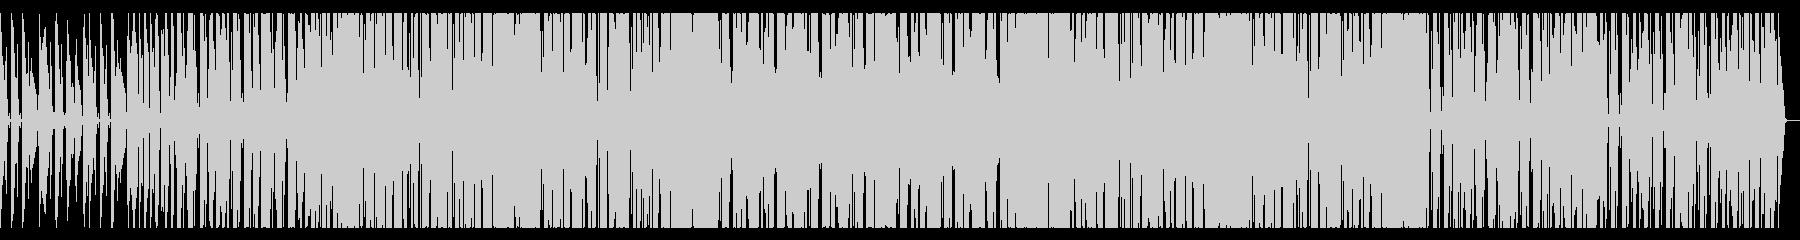 トランペットメインのエレクトロスウィングの未再生の波形